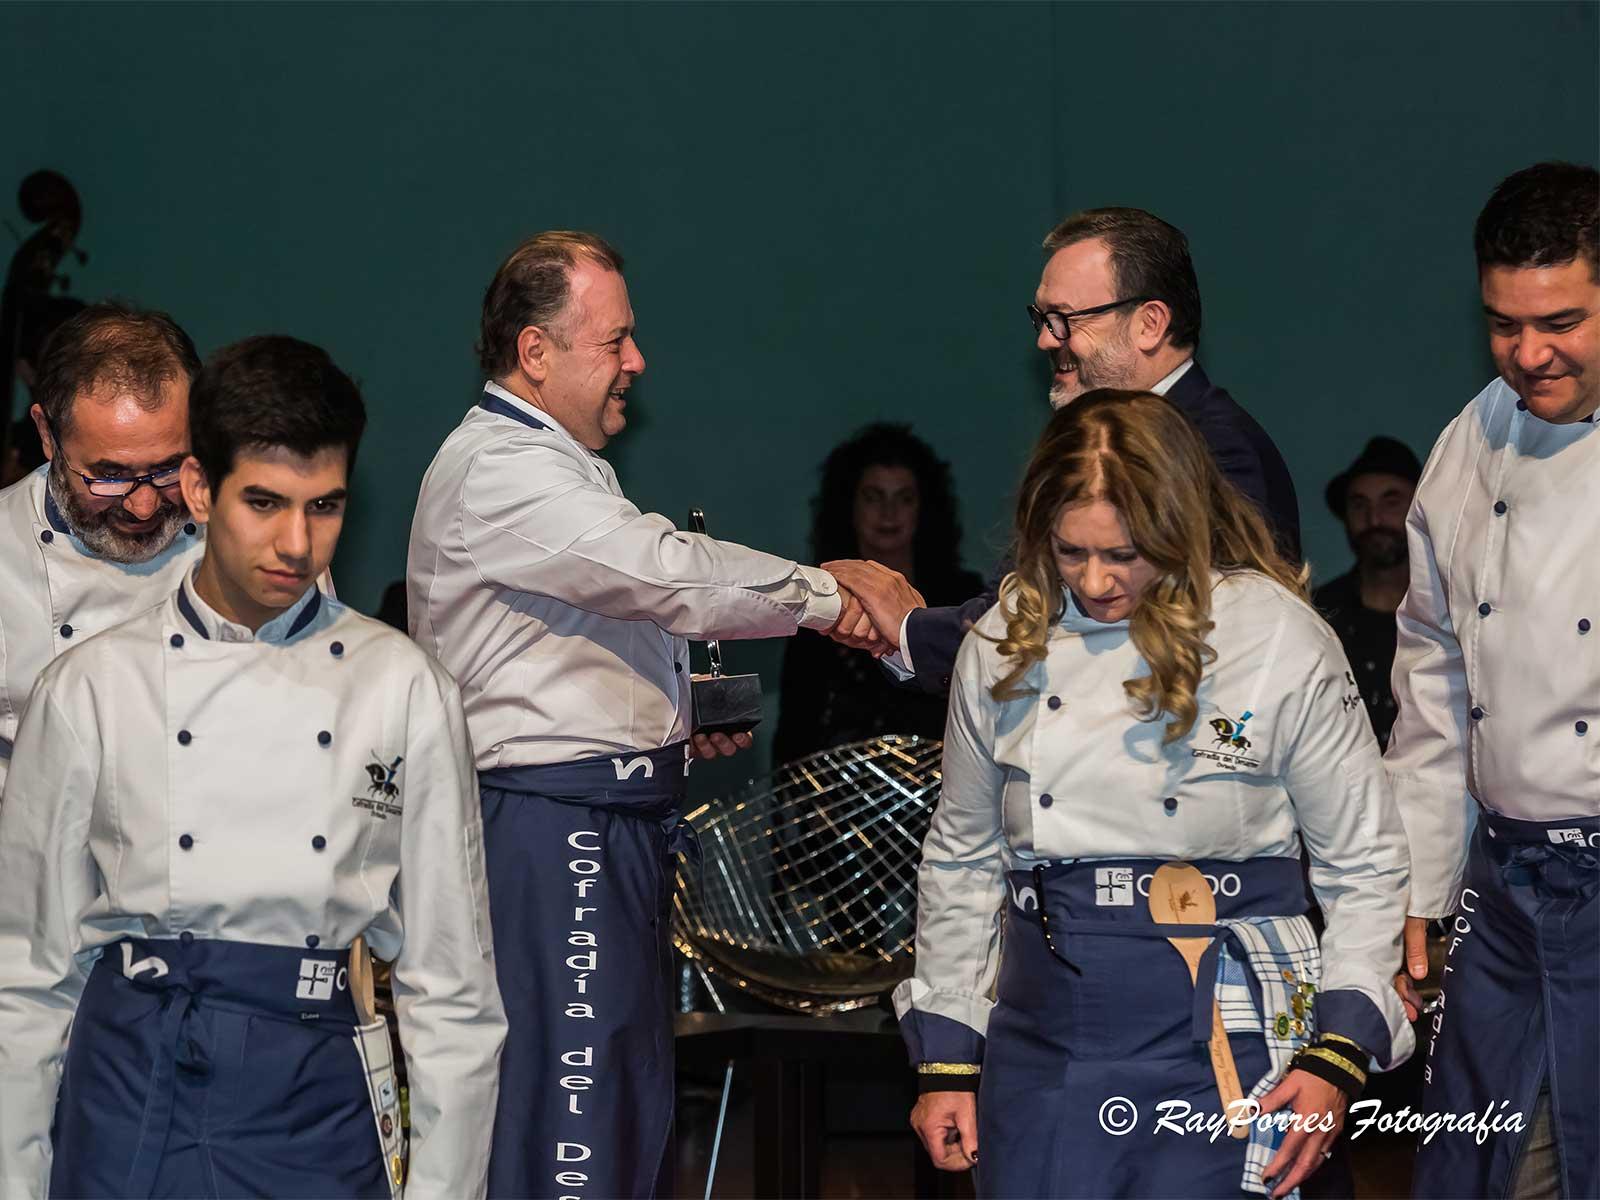 cofradia-del-desarme-recibe-premios-nacionales-de-hosteleria-2018-1